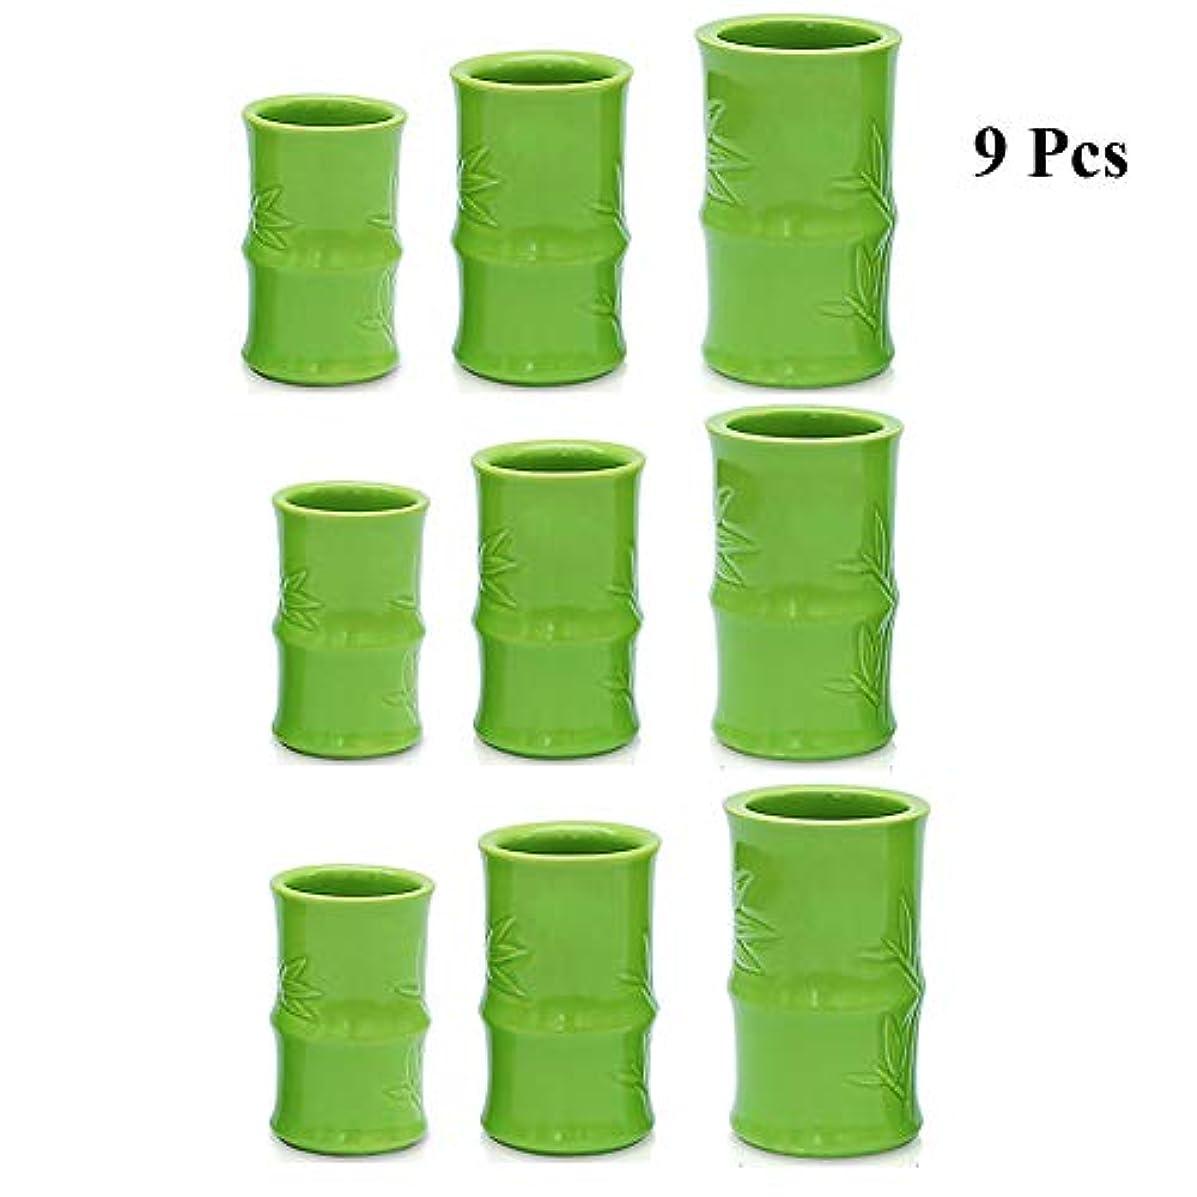 一口アイザックいっぱい真空カッピングマッサージ缶 - セラミックスポットセラピーセット - 鍼ボディセラピーセット,C9pcs